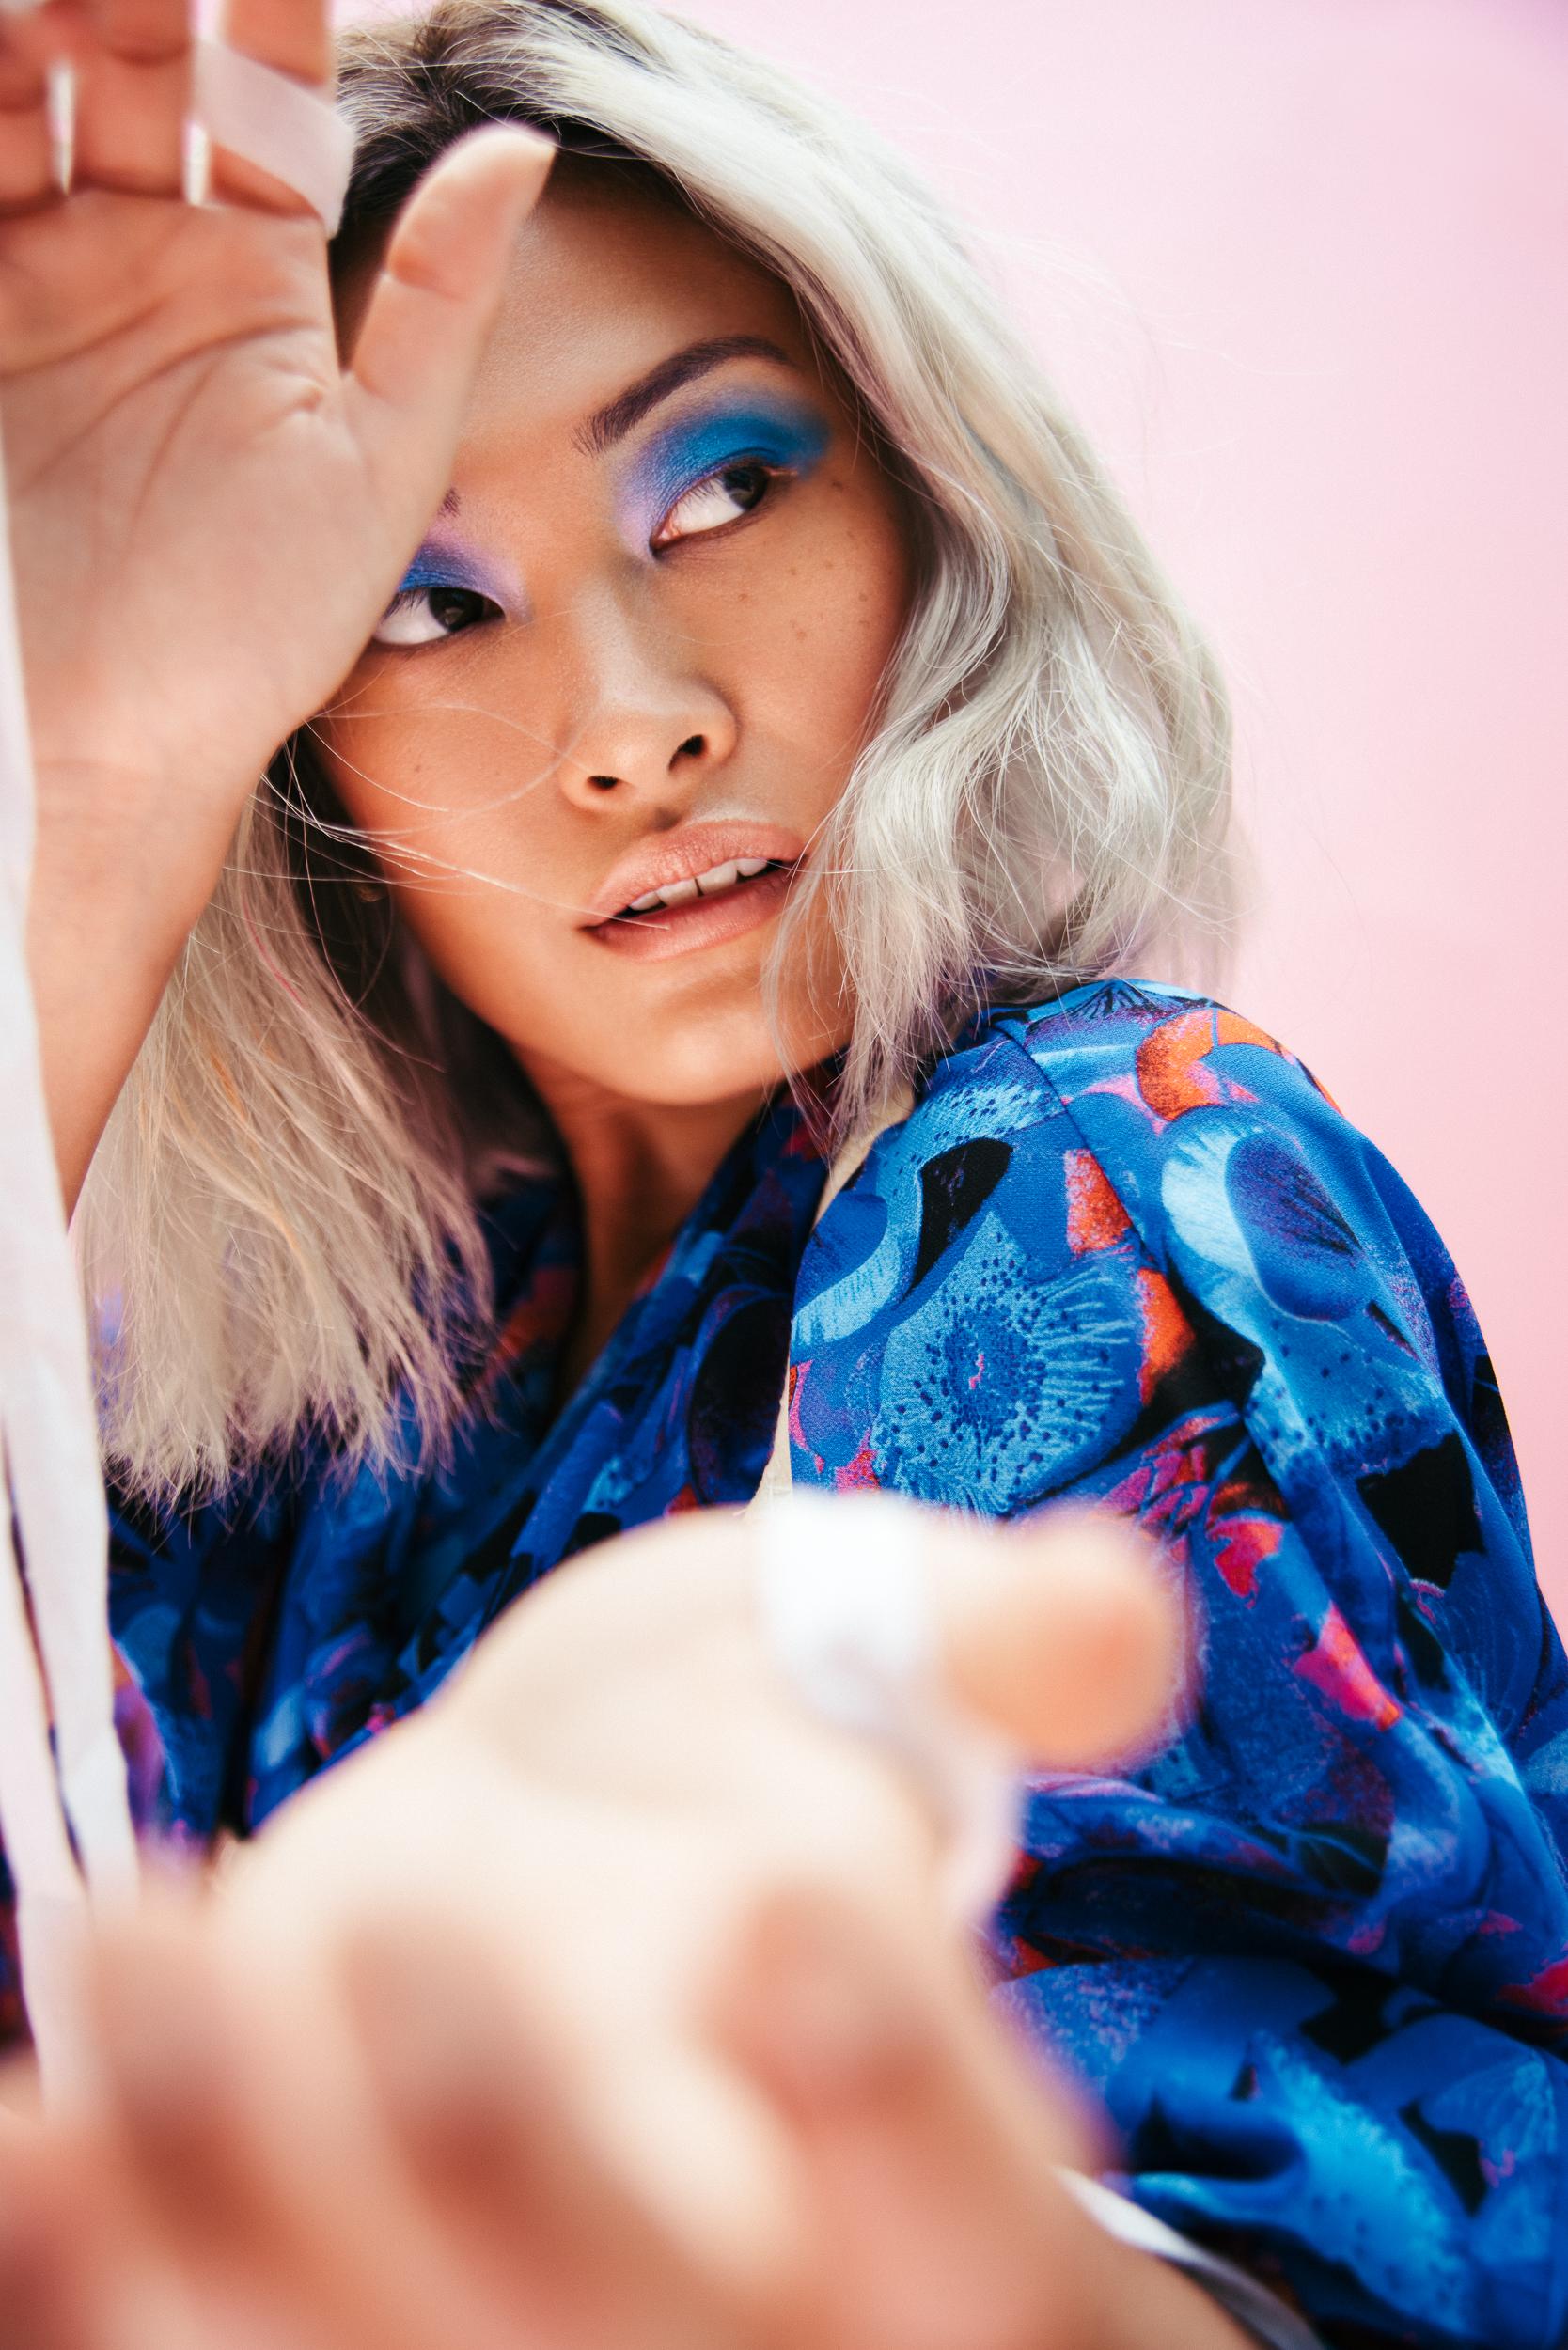 Augusta_Sagnelli_fashion_editorial-2.jpg